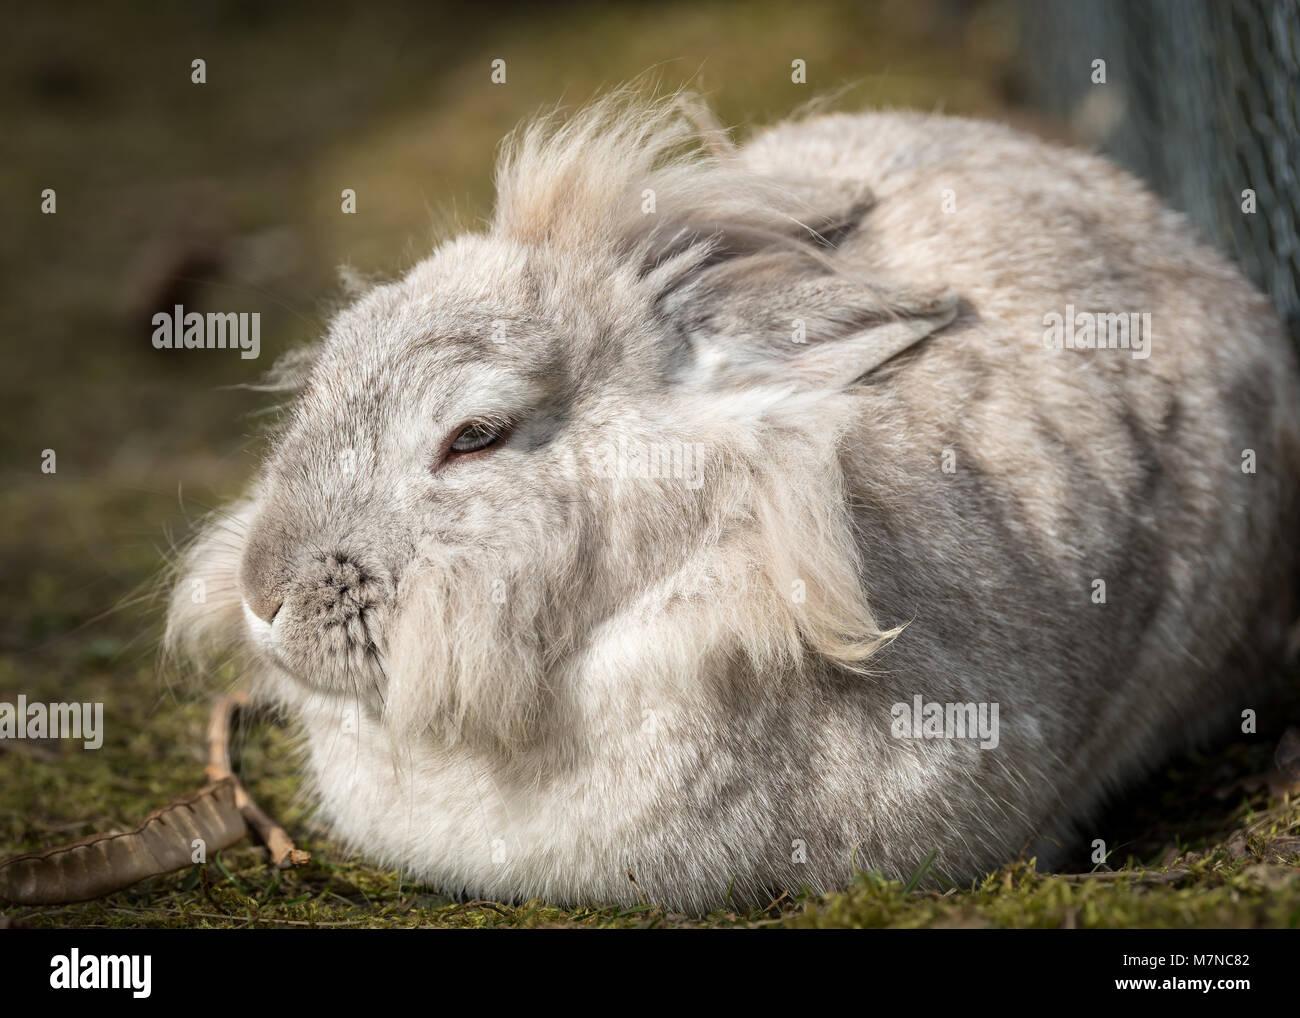 Ein weißer Zwerg Kaninchen (löwenkopf) eine Pause Stockfoto